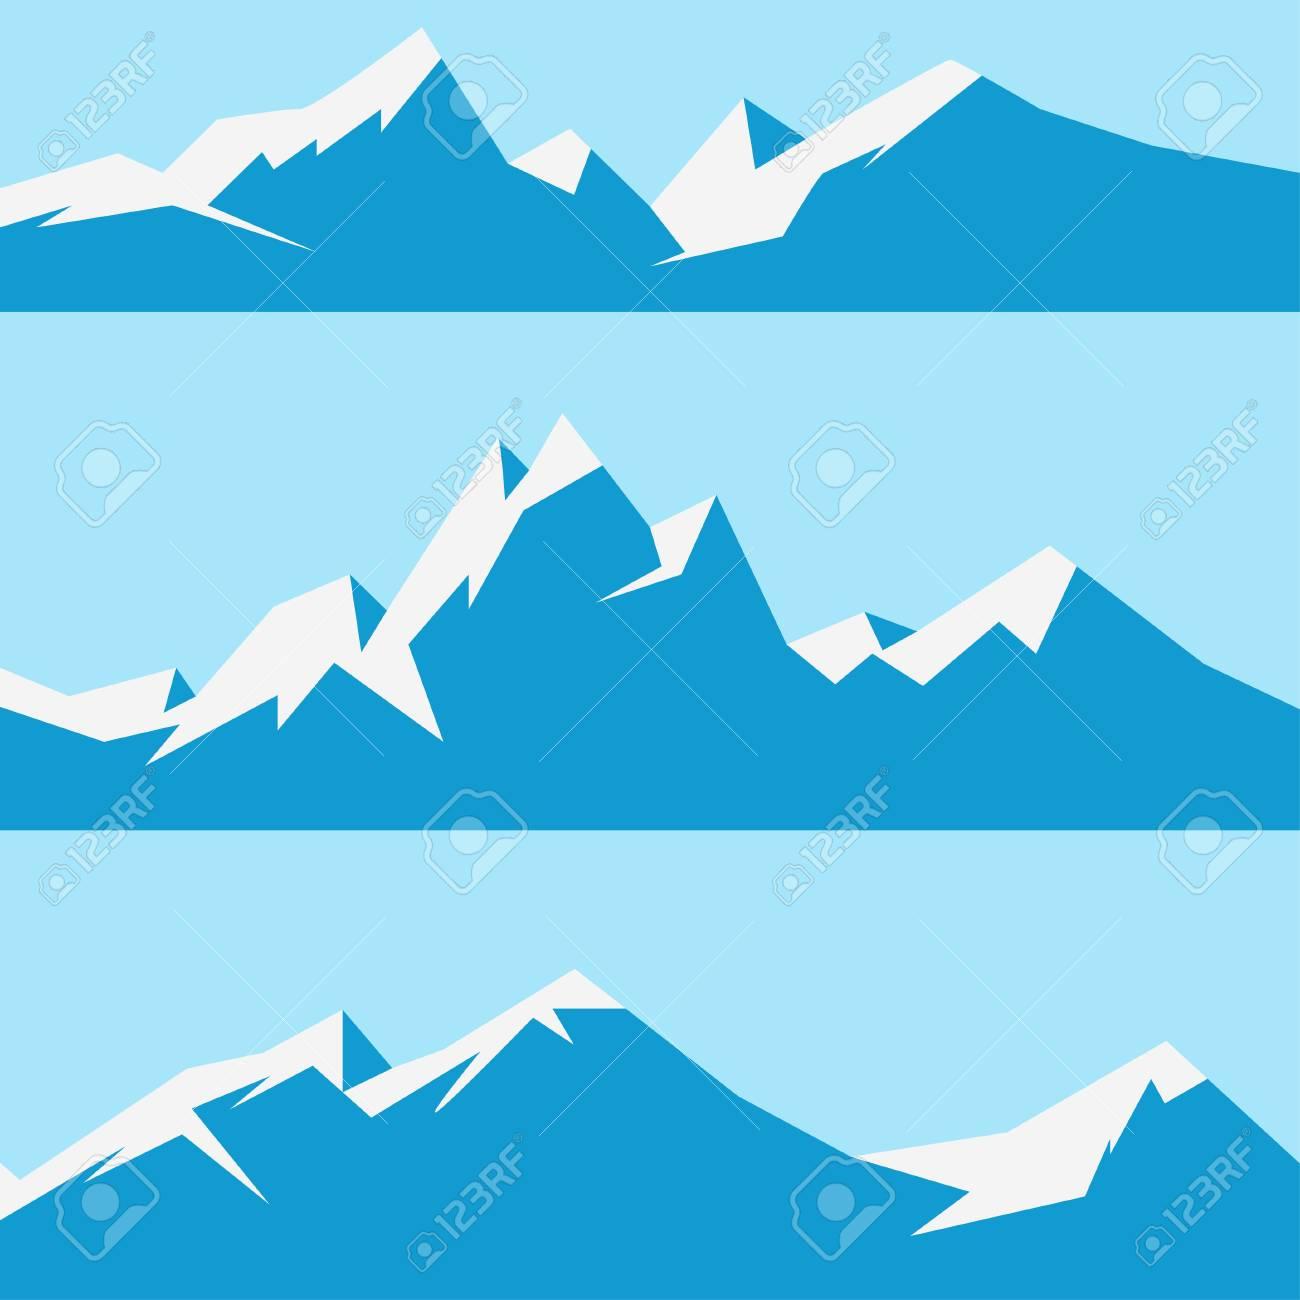 雪山を設定しますのイラスト素材ベクタ Image 63285649